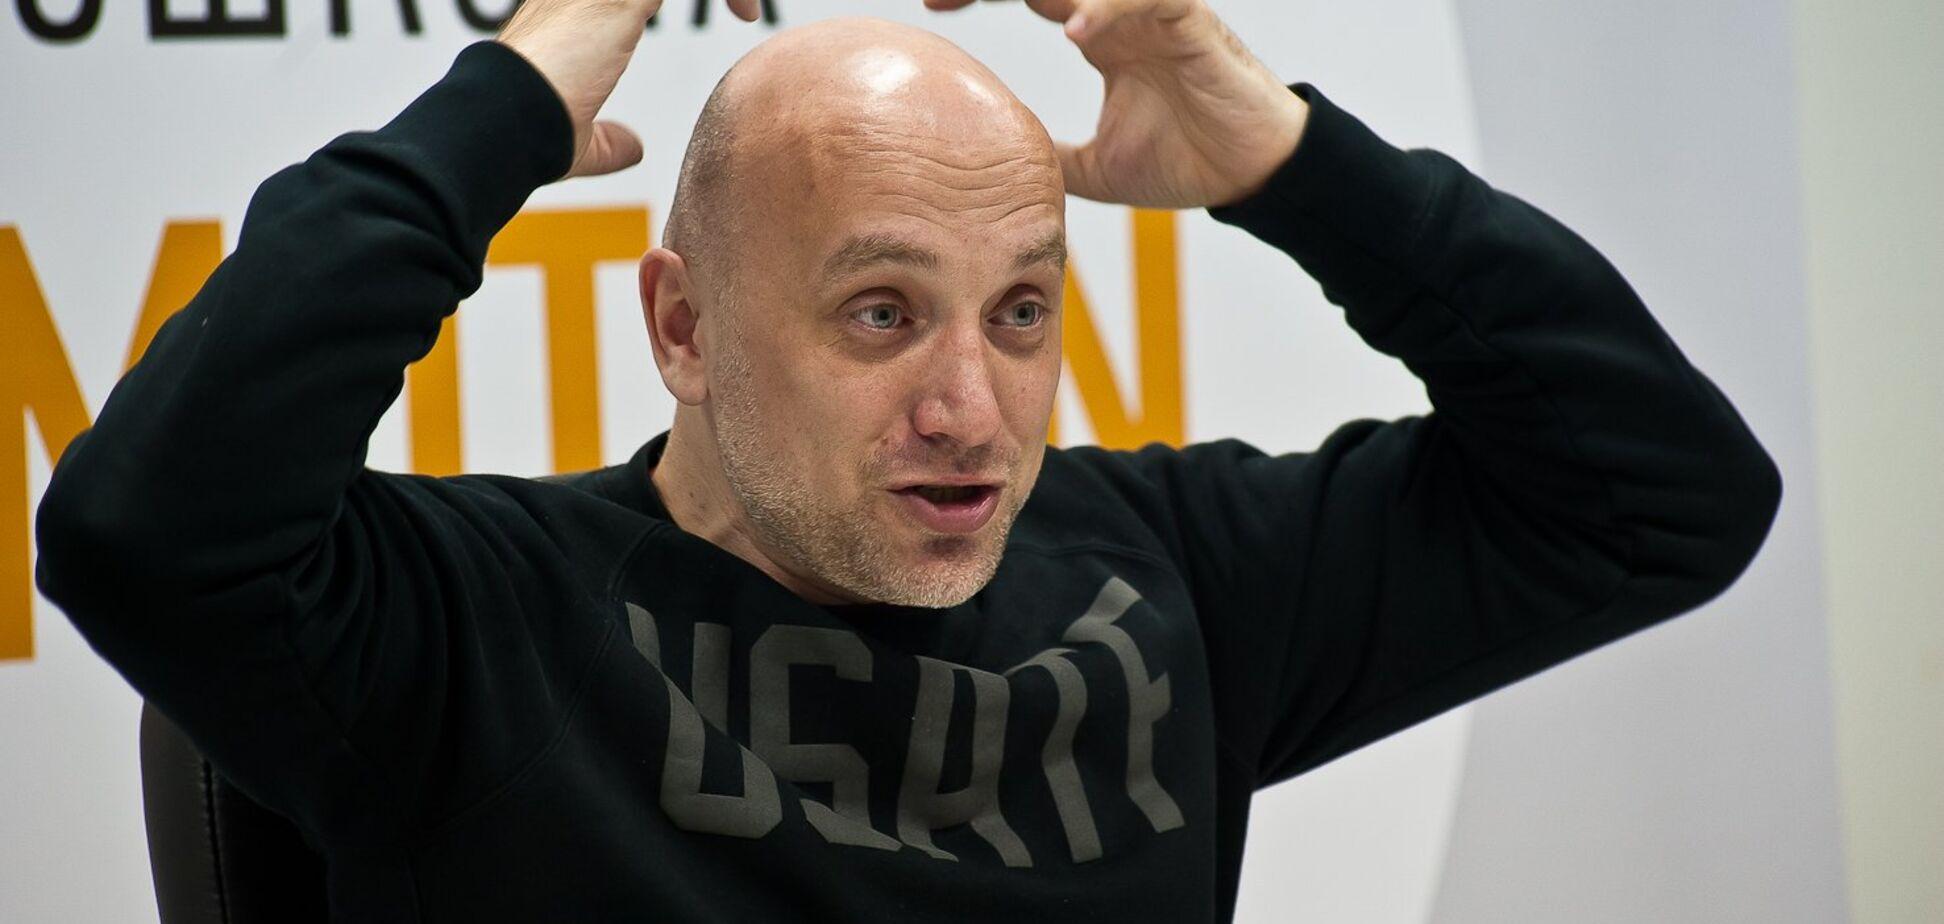 Втік з Донбасу: Прилєпін розповів, як ледь не вмер